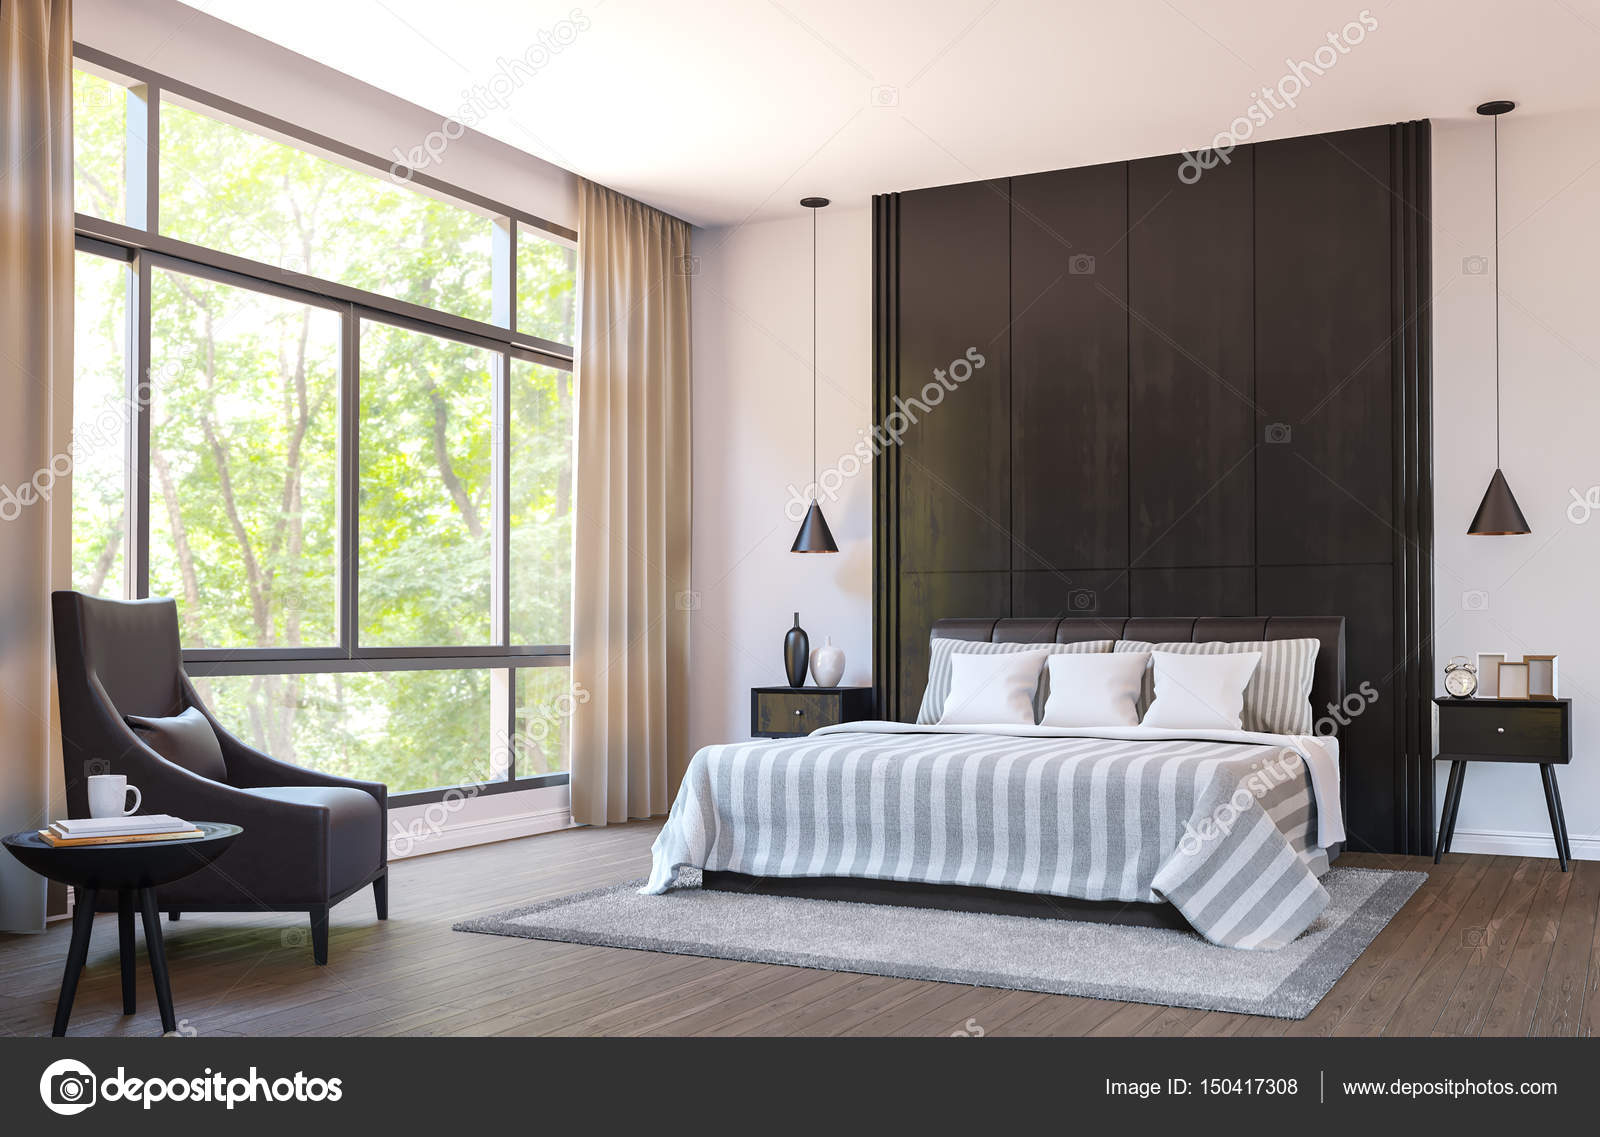 Hout Slaapkamer Meubels : Moderne slaapkamer decoreren met bruin lederen meubels en zwart hout